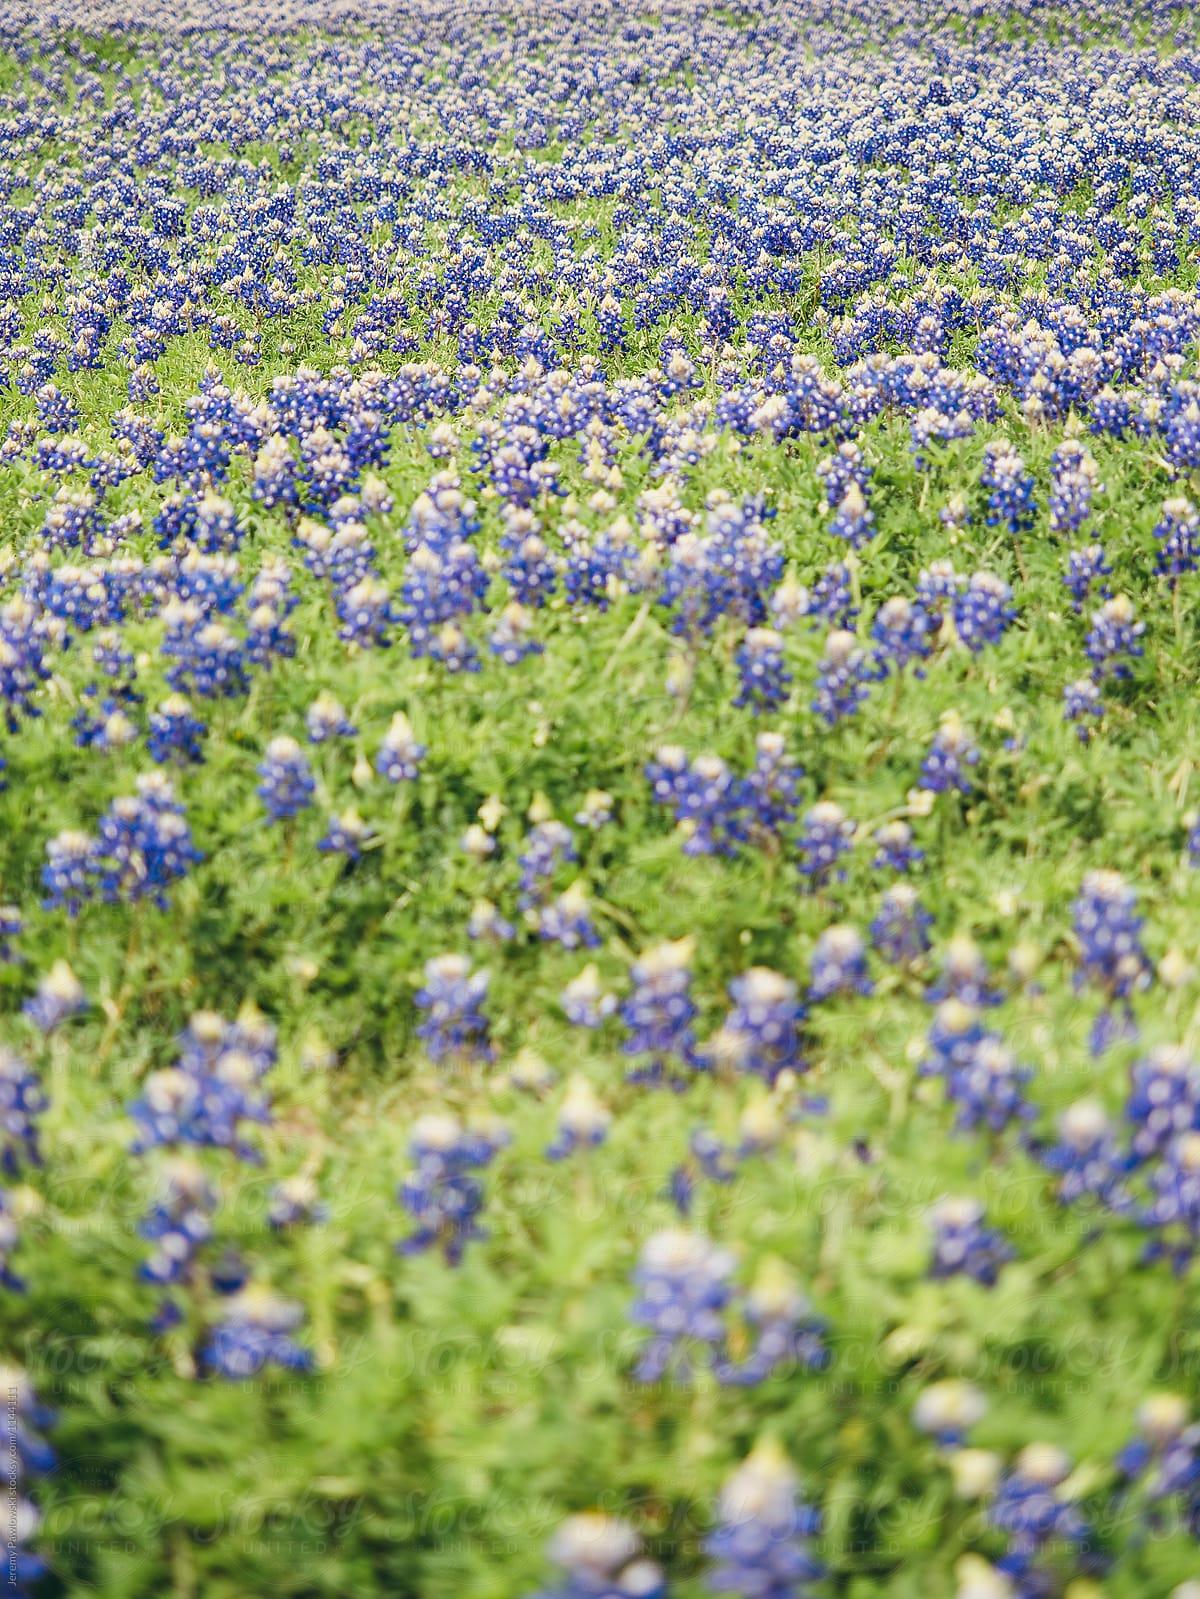 Field Of Bluebonnet Flowers Growing Near Bastrop Tx Stocksy United